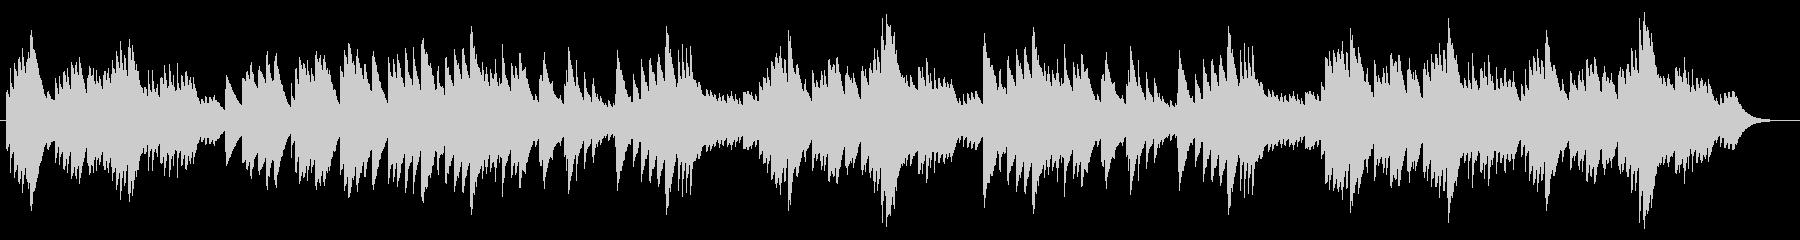 静かなオルゴールの音色が特徴のポップスの未再生の波形